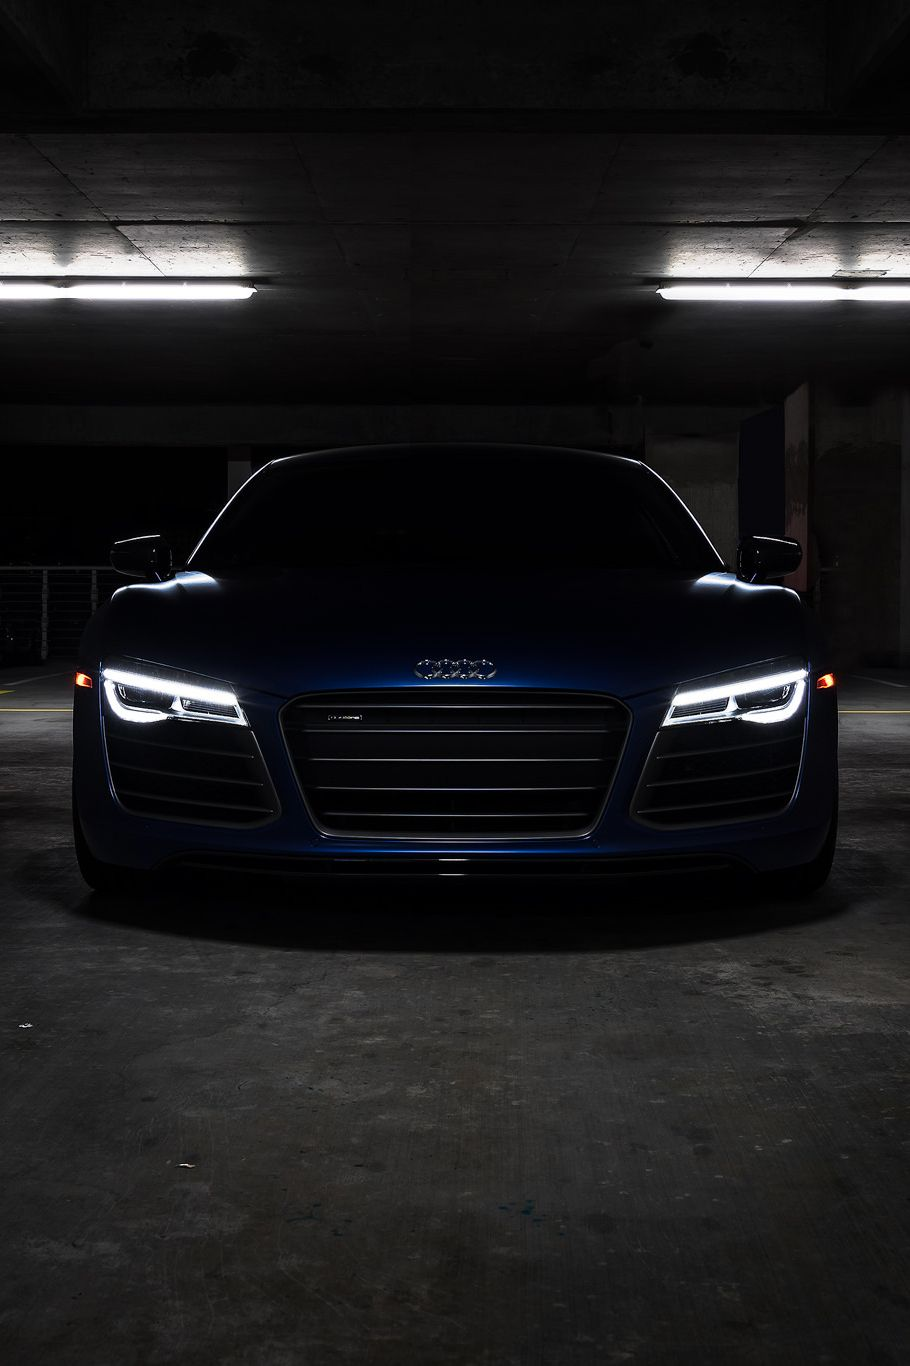 Sneak Peak Audi Audi R8 V10 Audi Cars